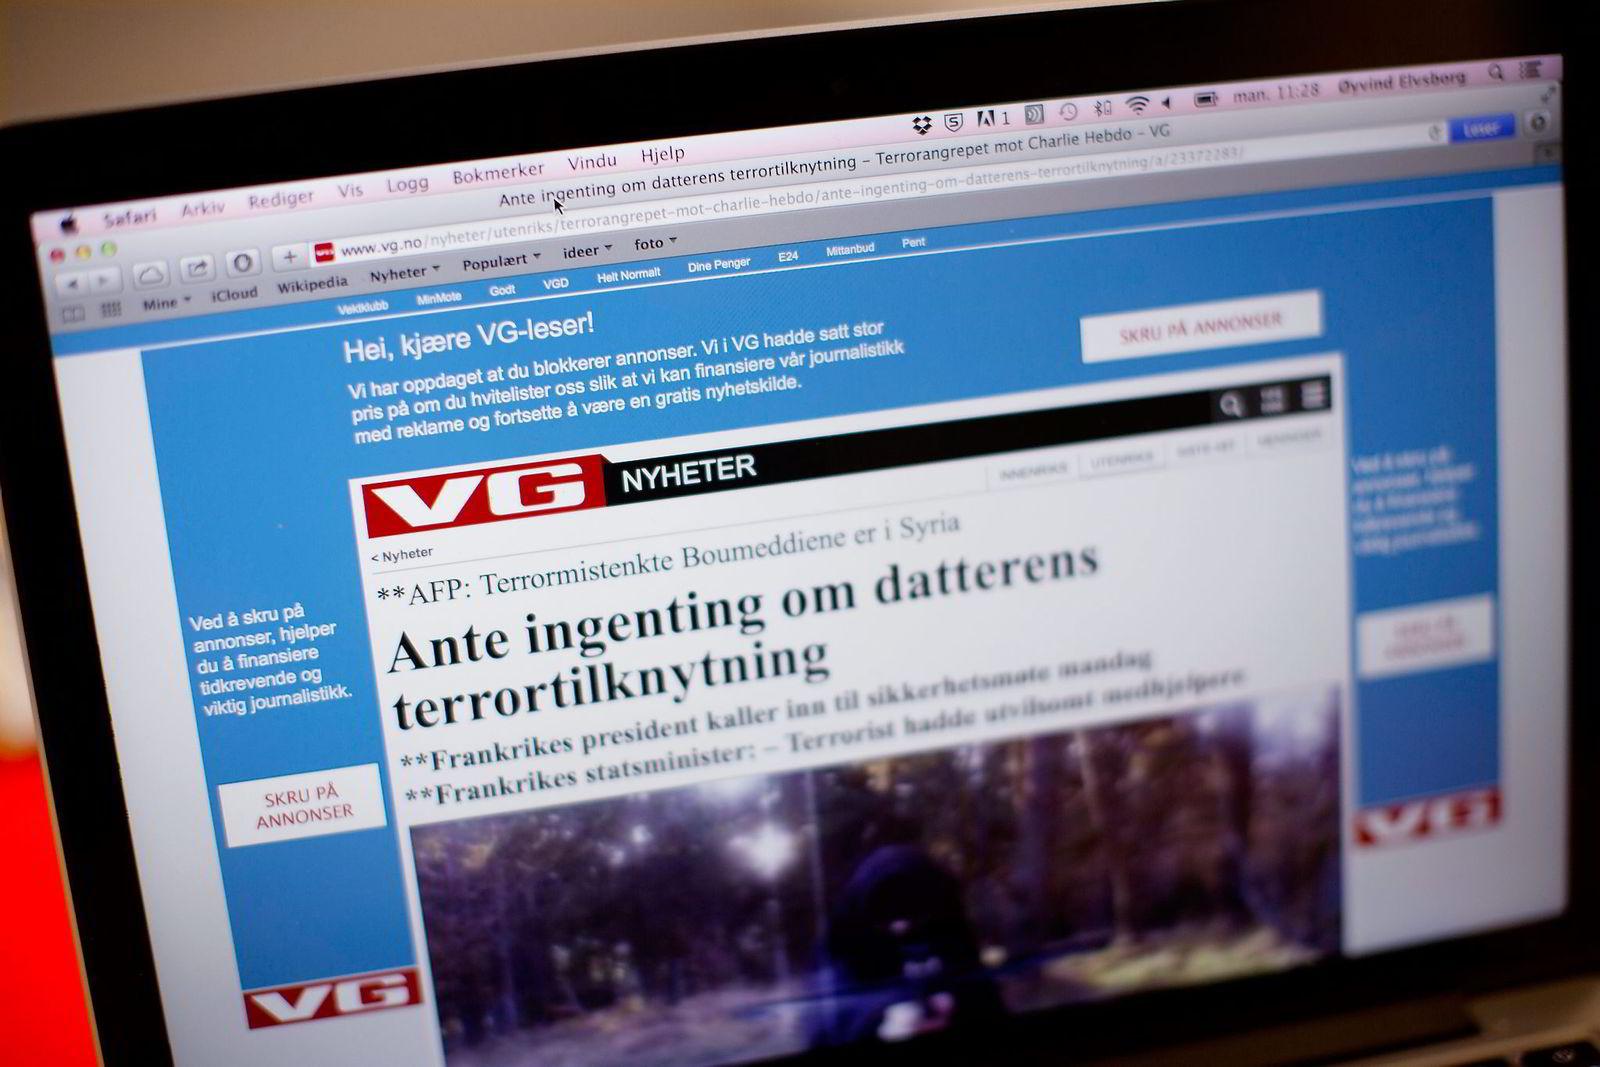 Det finnes ikke nøyaktige tall for bruken av annonseblokkeringsverktøy i Norge, men i Sverige bruker nå én av fire det på pc. Norske nettaviser anslår at omkring 20 prosent av leserne deres på pc, bruker annonseblokkeringsverktøy.